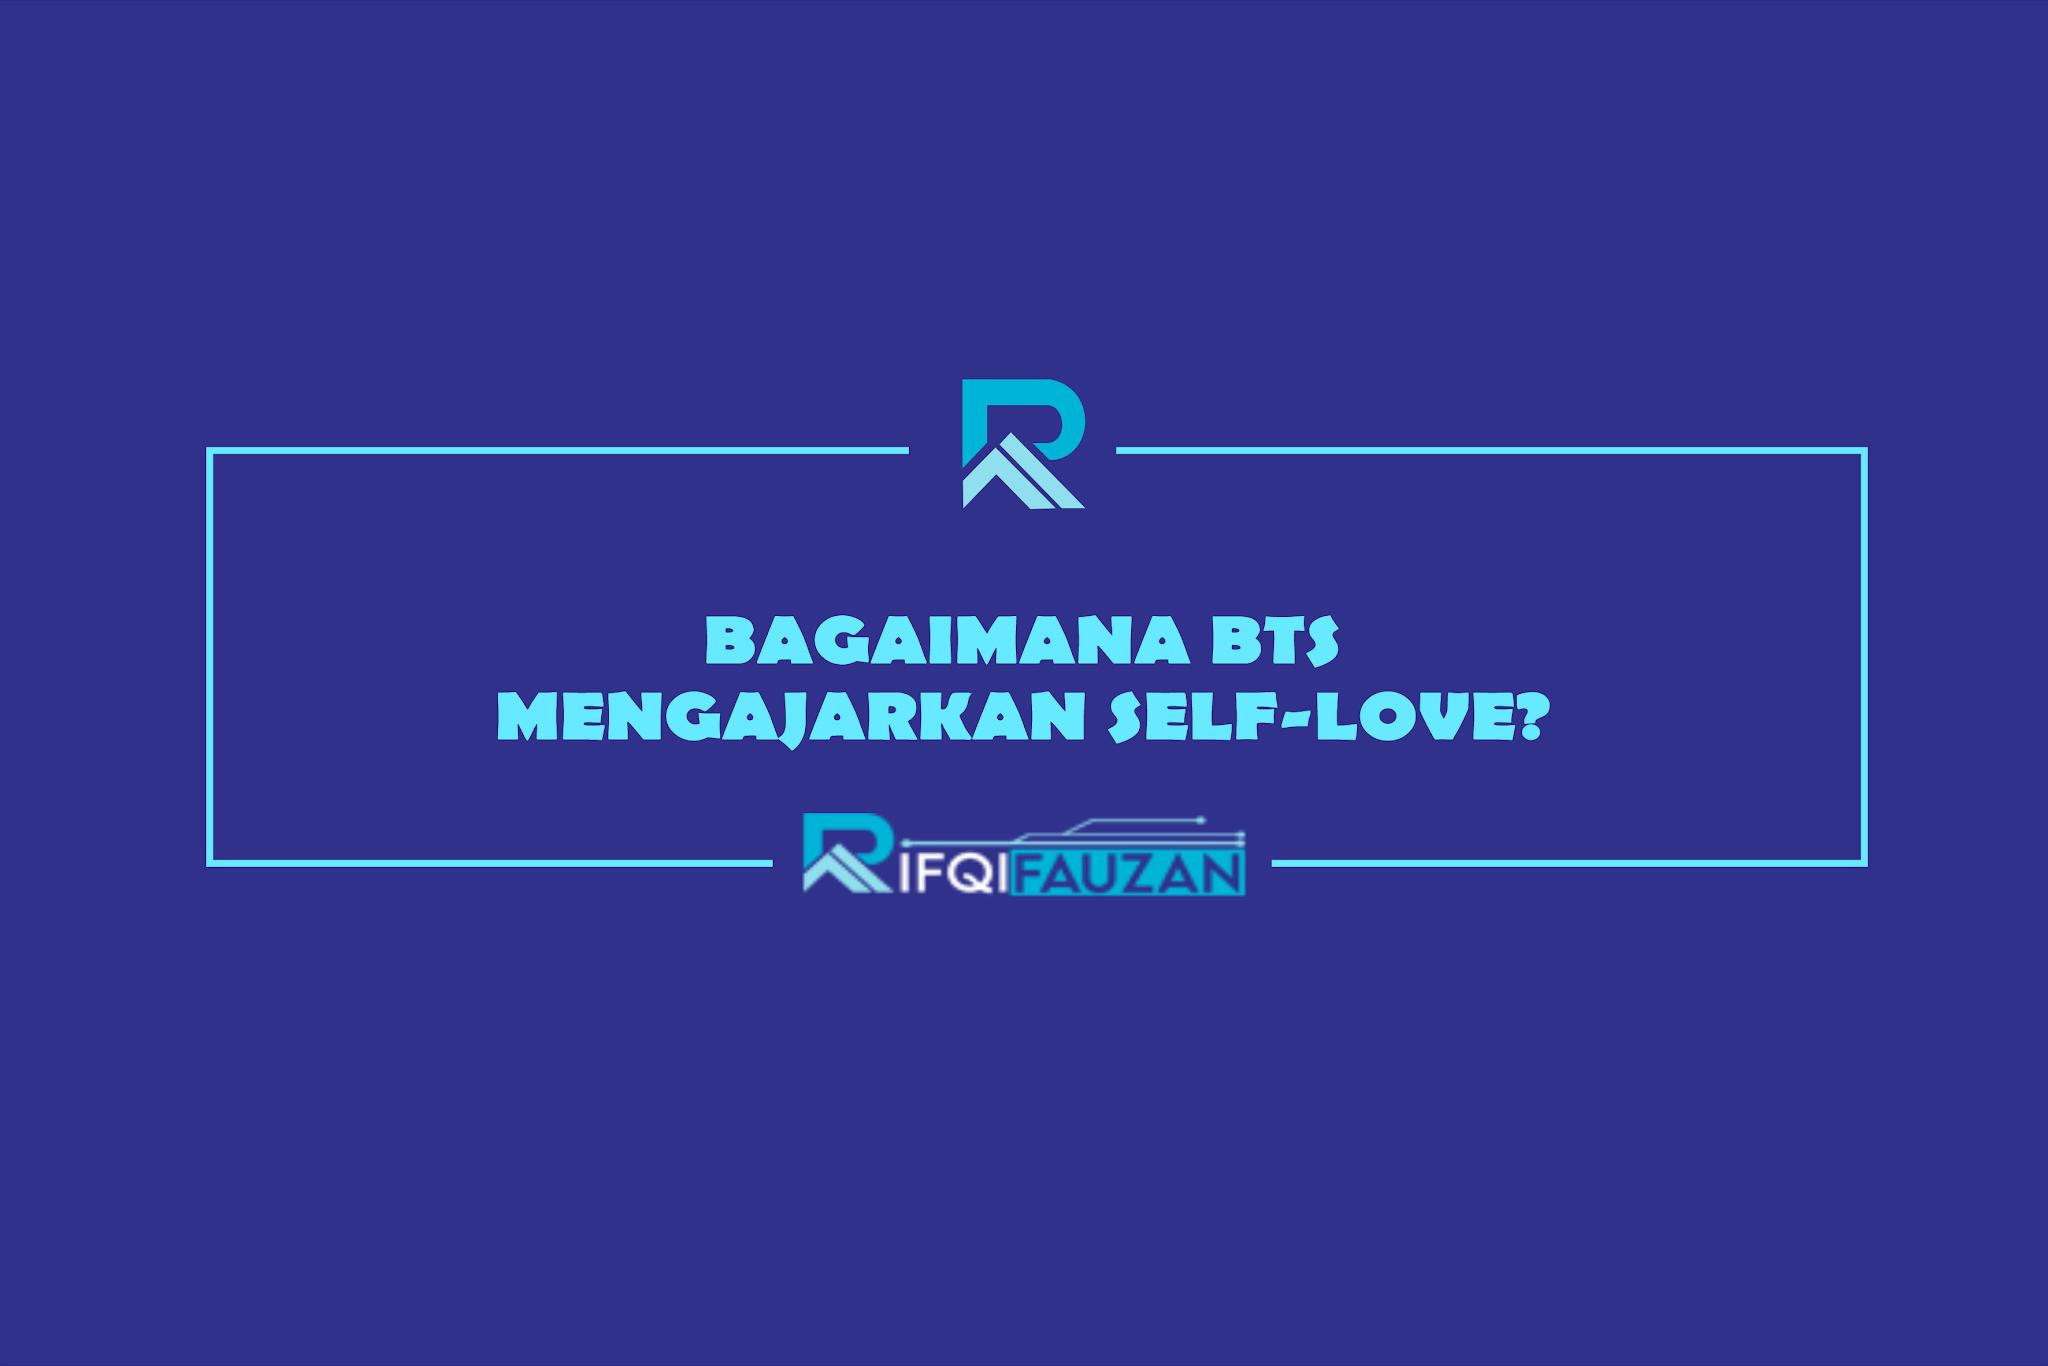 BAGAIMANA BTS MENGAJARKAN SELF-LOVE? (BELAJAR SELF-LOVE DARI KARYA BTS)